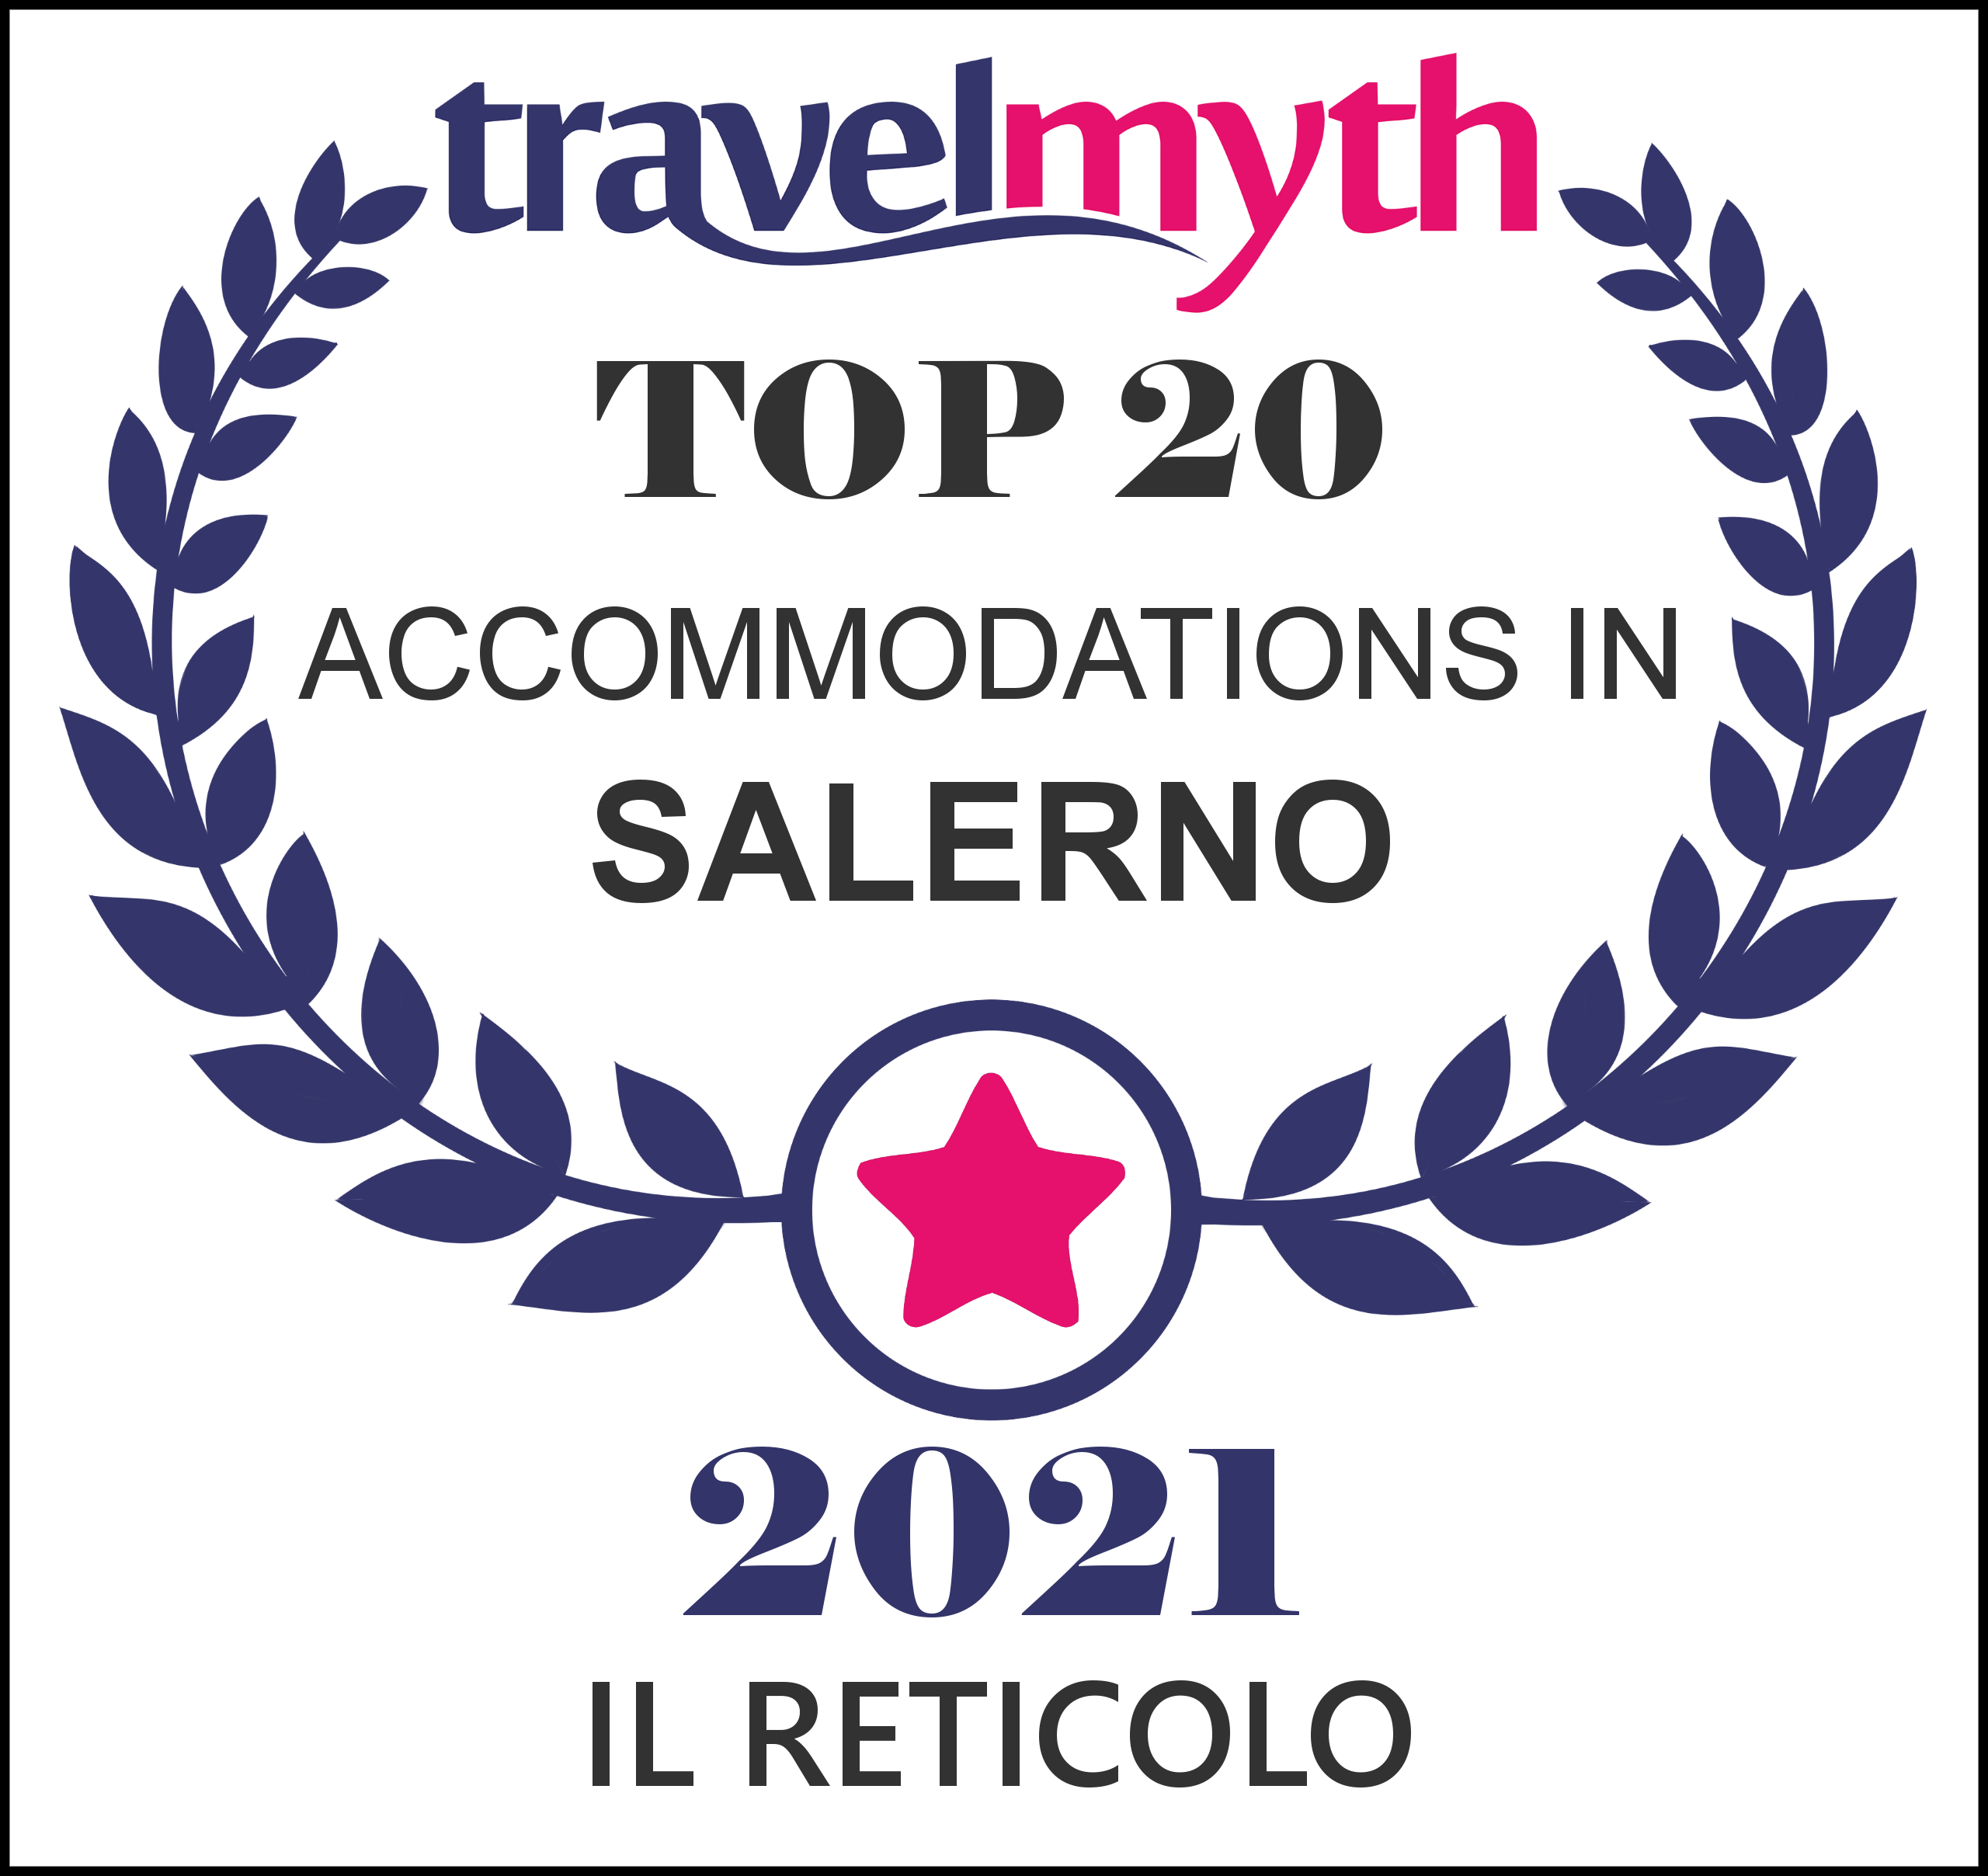 Salerno hotels